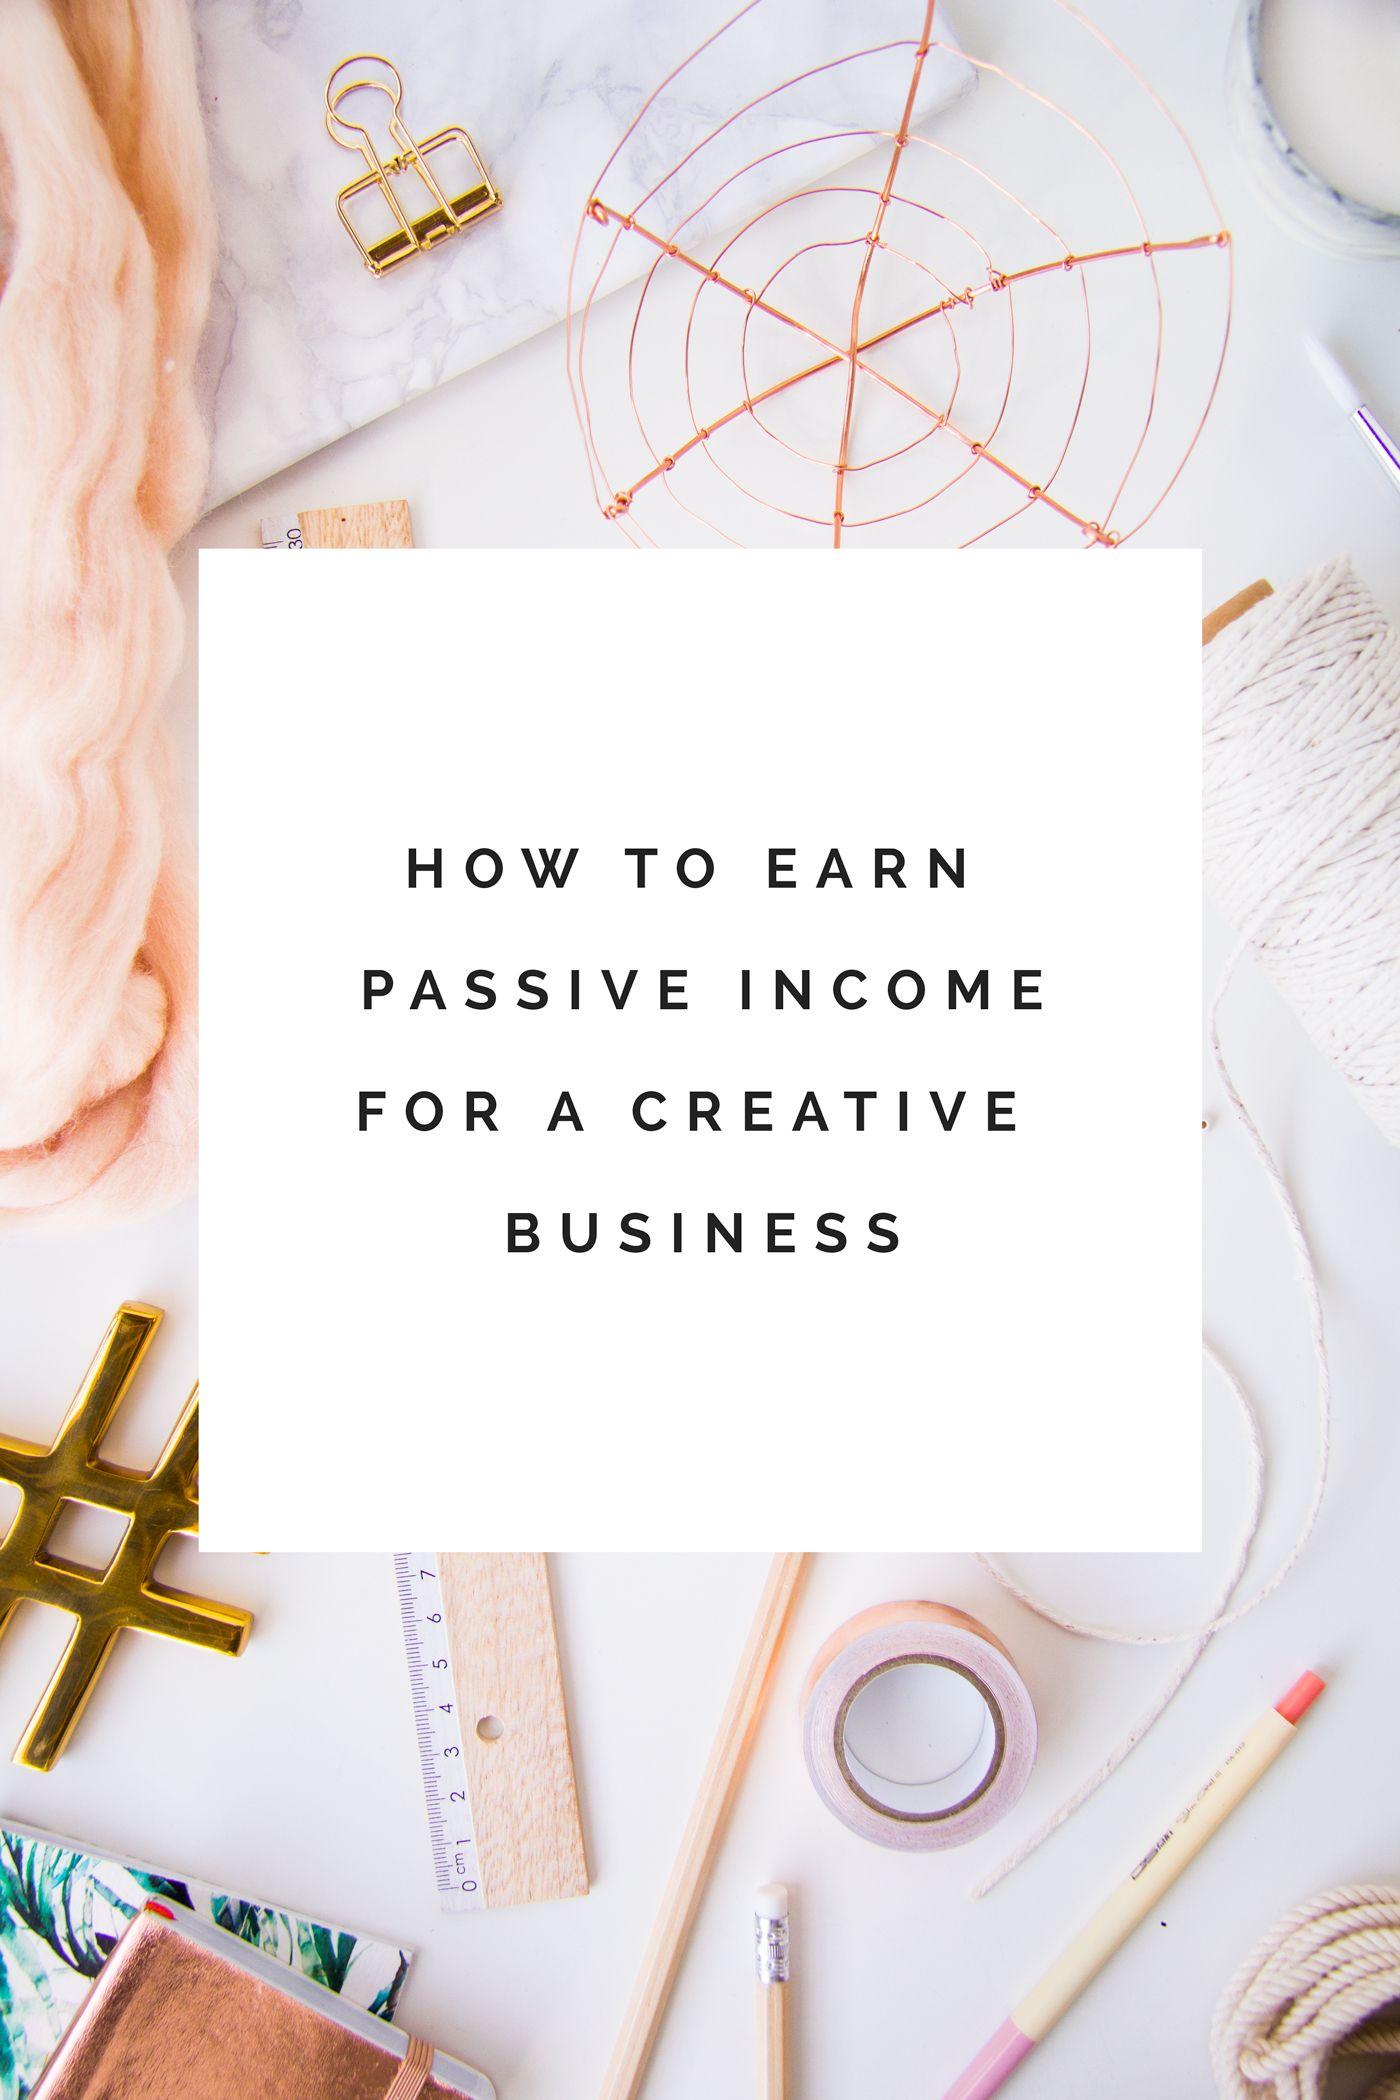 Как получить пассивный доход для творческого онлайн-бизнеса »вики полезно  Падение для DIY